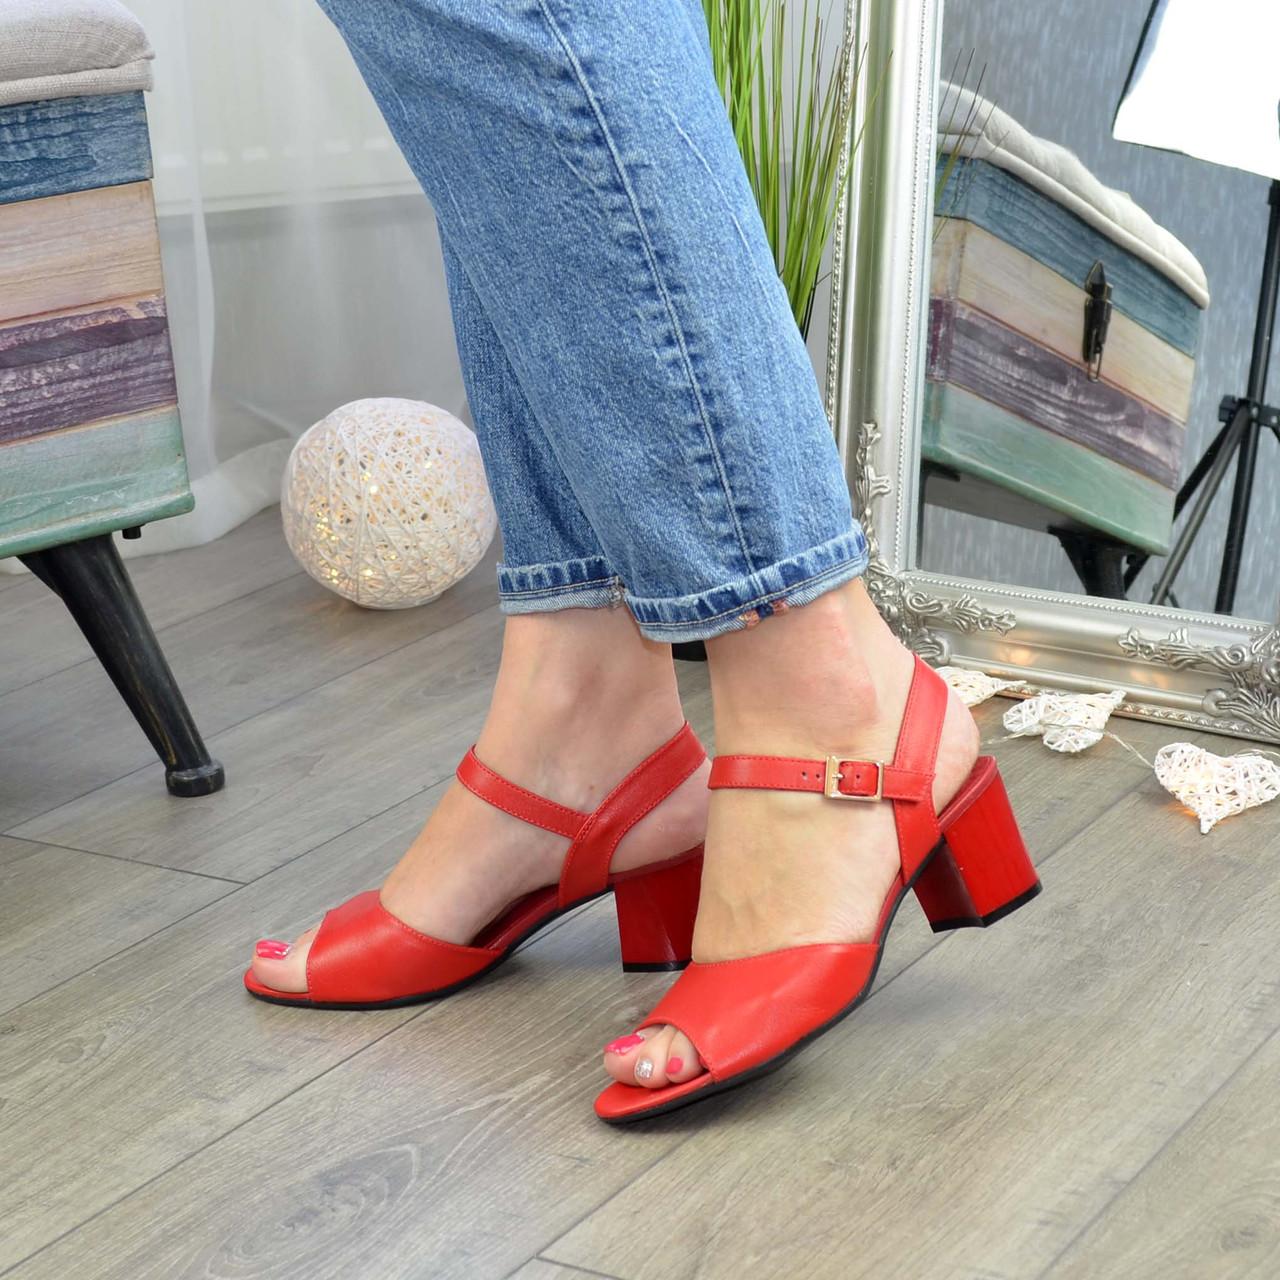 Босоножки кожаные женские на устойчивом каблуке, цвет красный